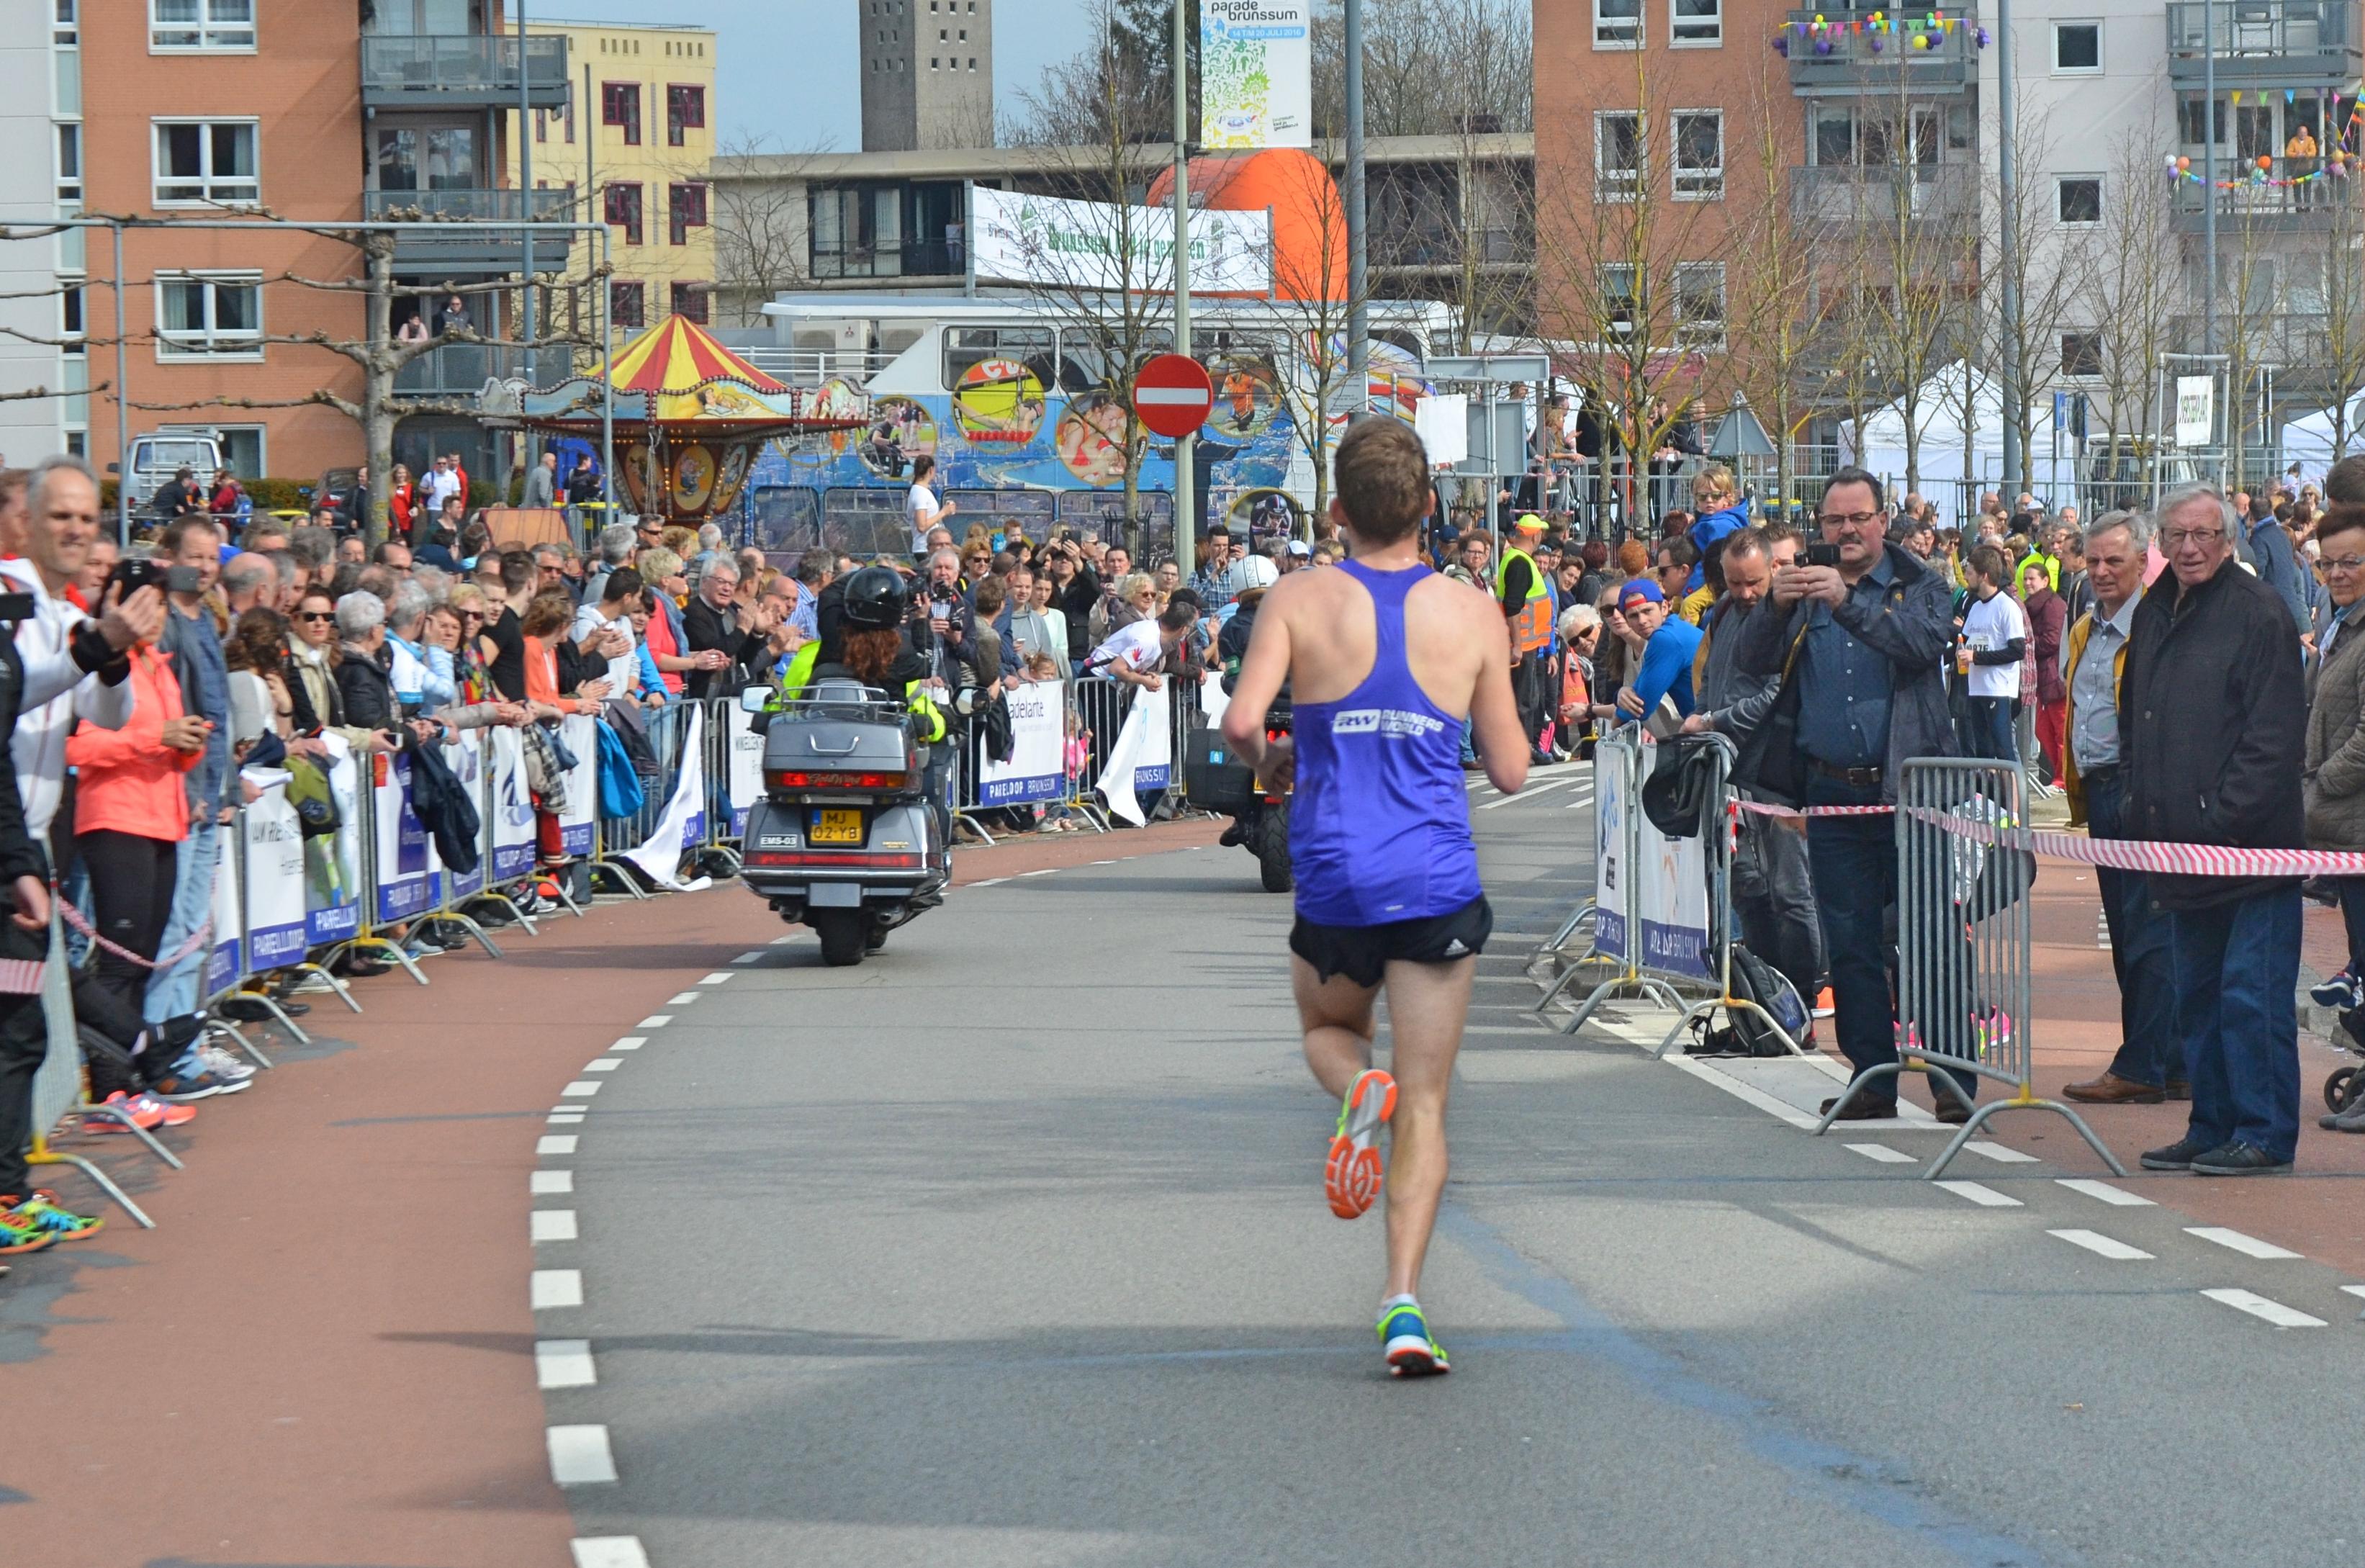 Ralph achter de motoren op weg naar de finish.